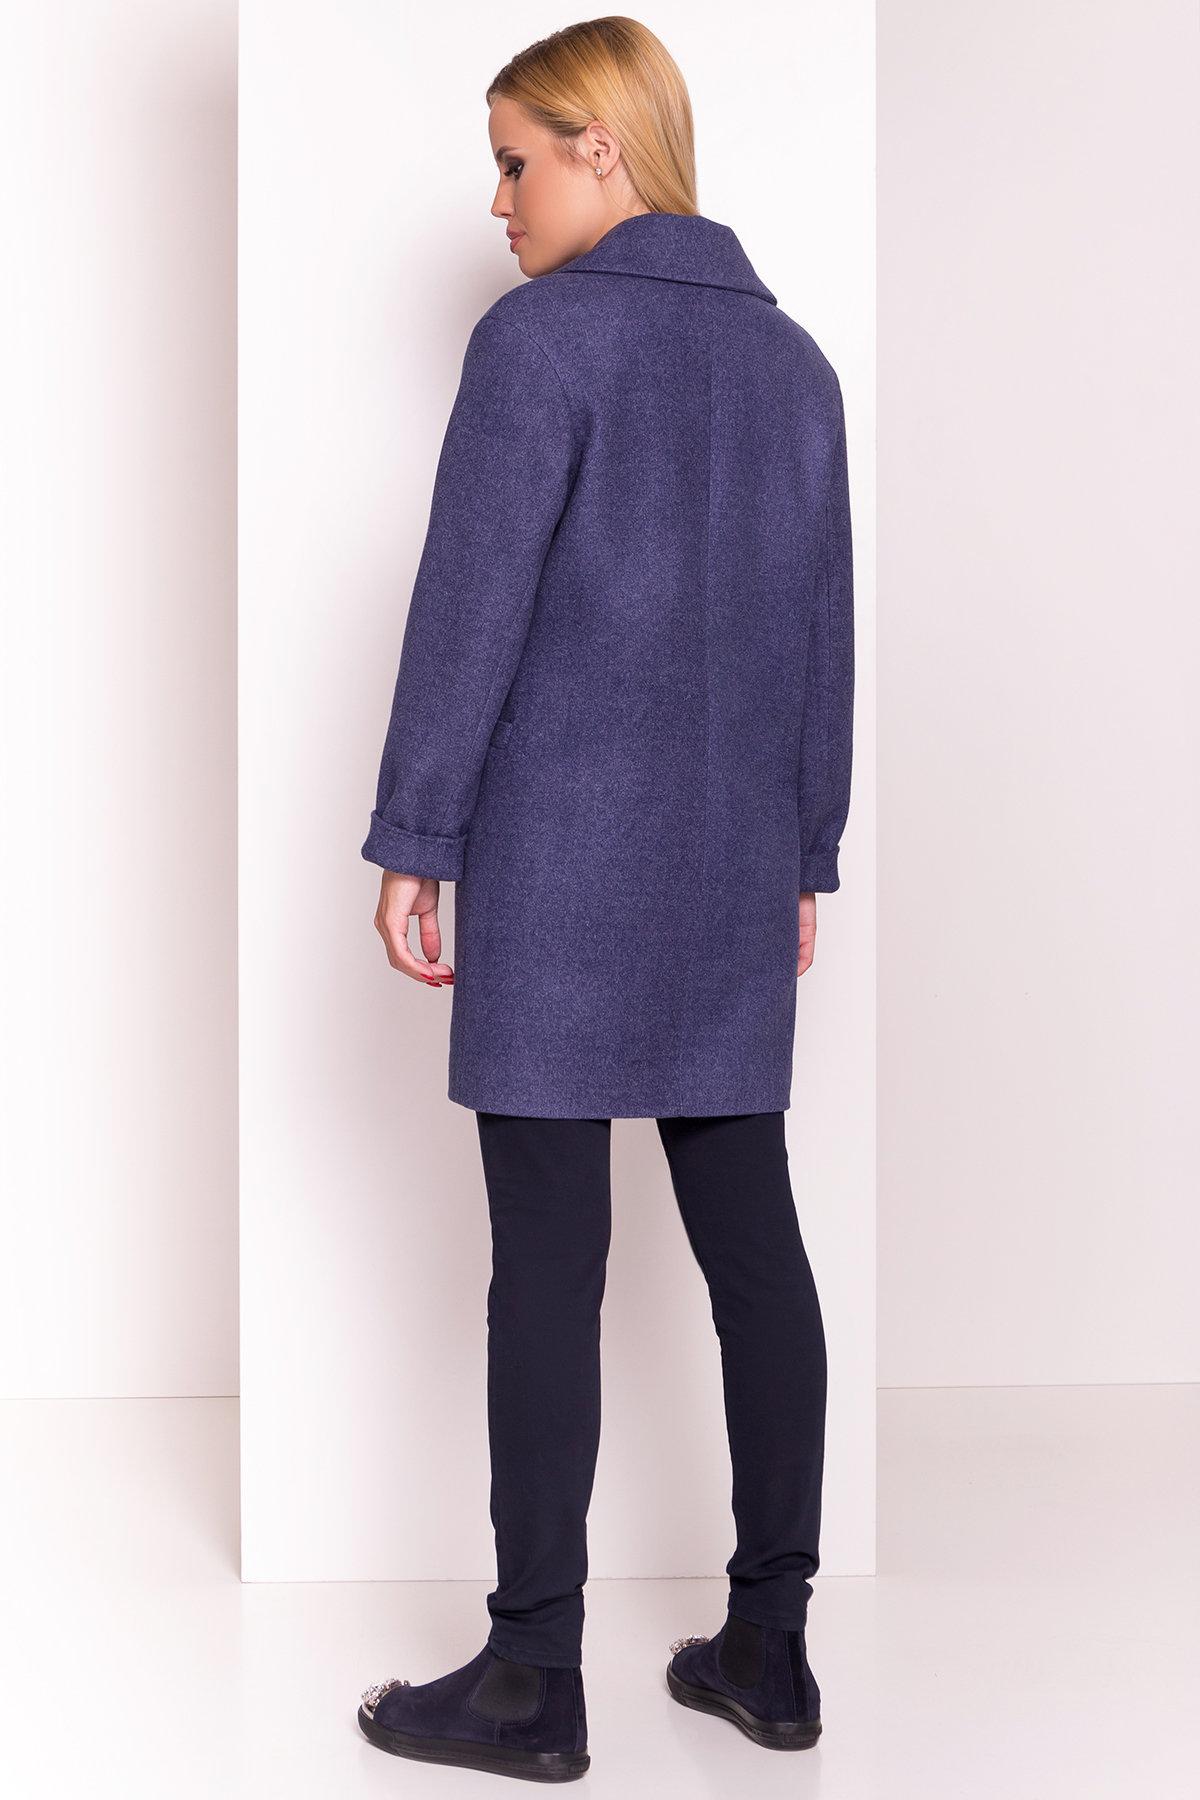 Демисезонное пальто Вива 4558 АРТ. 37263 Цвет: Джинс - фото 4, интернет магазин tm-modus.ru